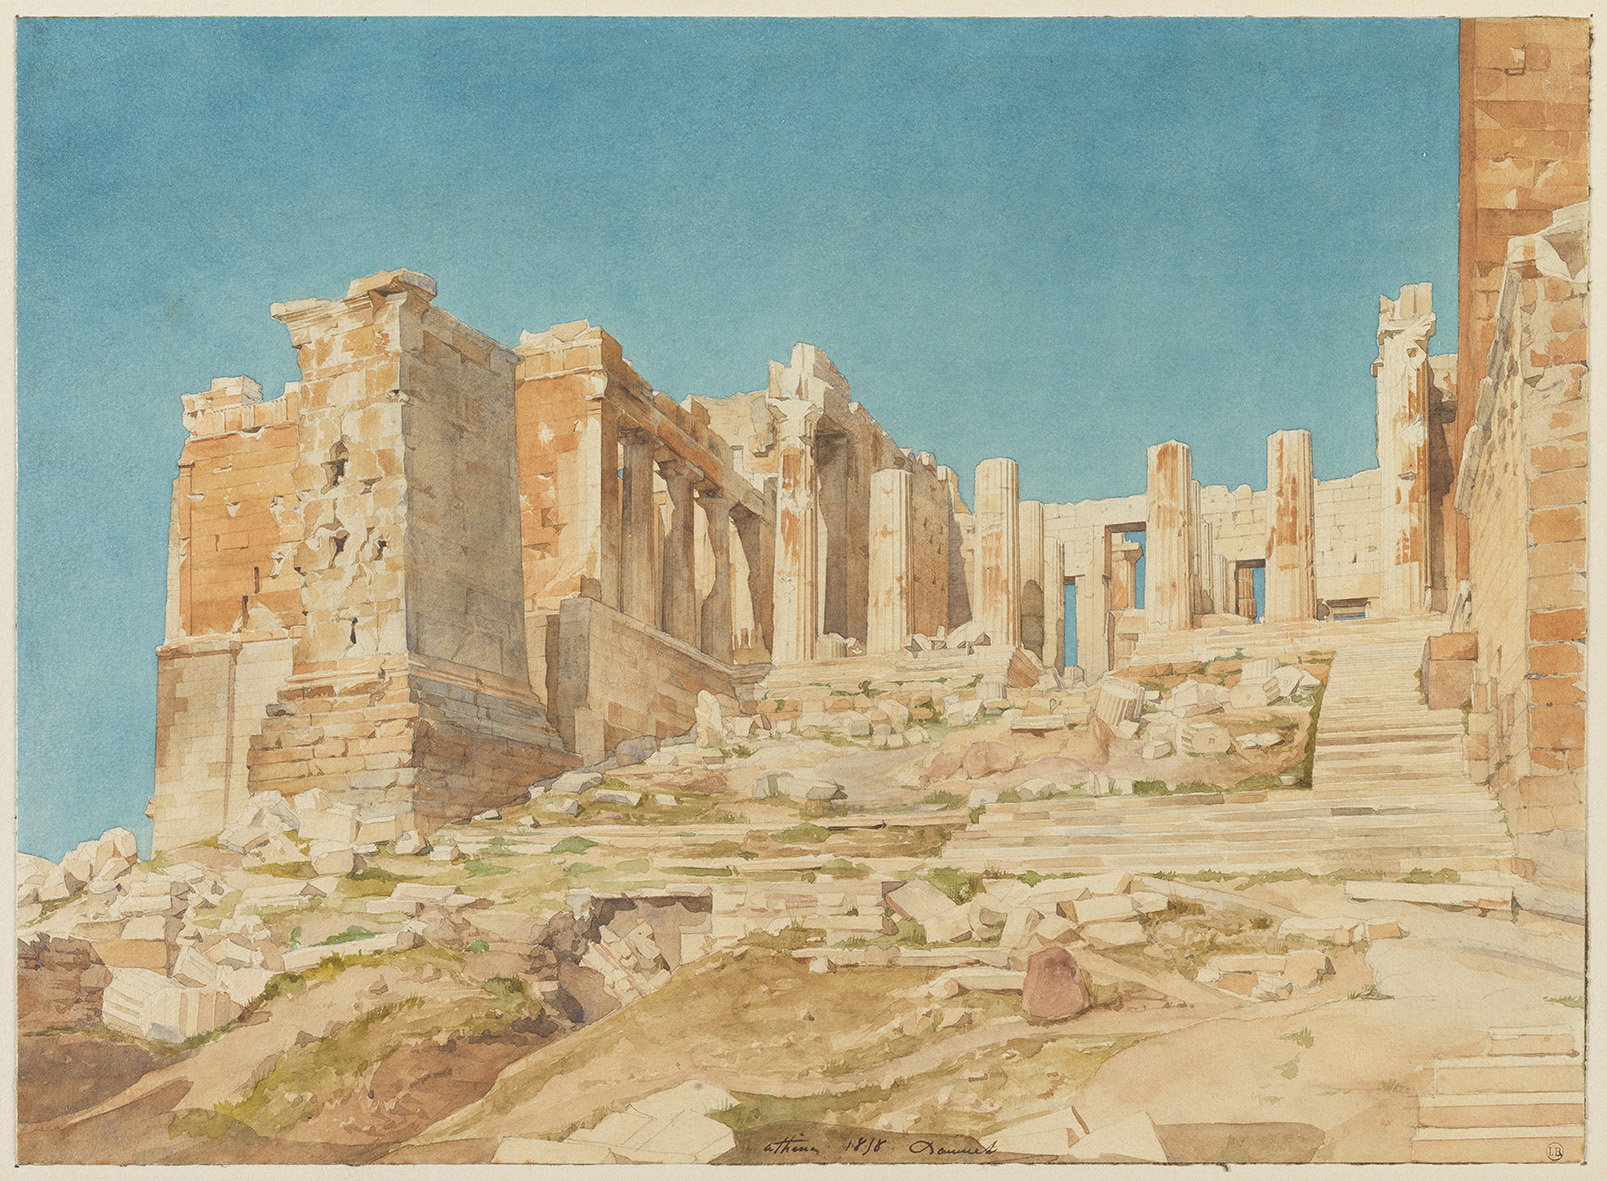 Honoré Daumet, L'Acropole d'Athènes,